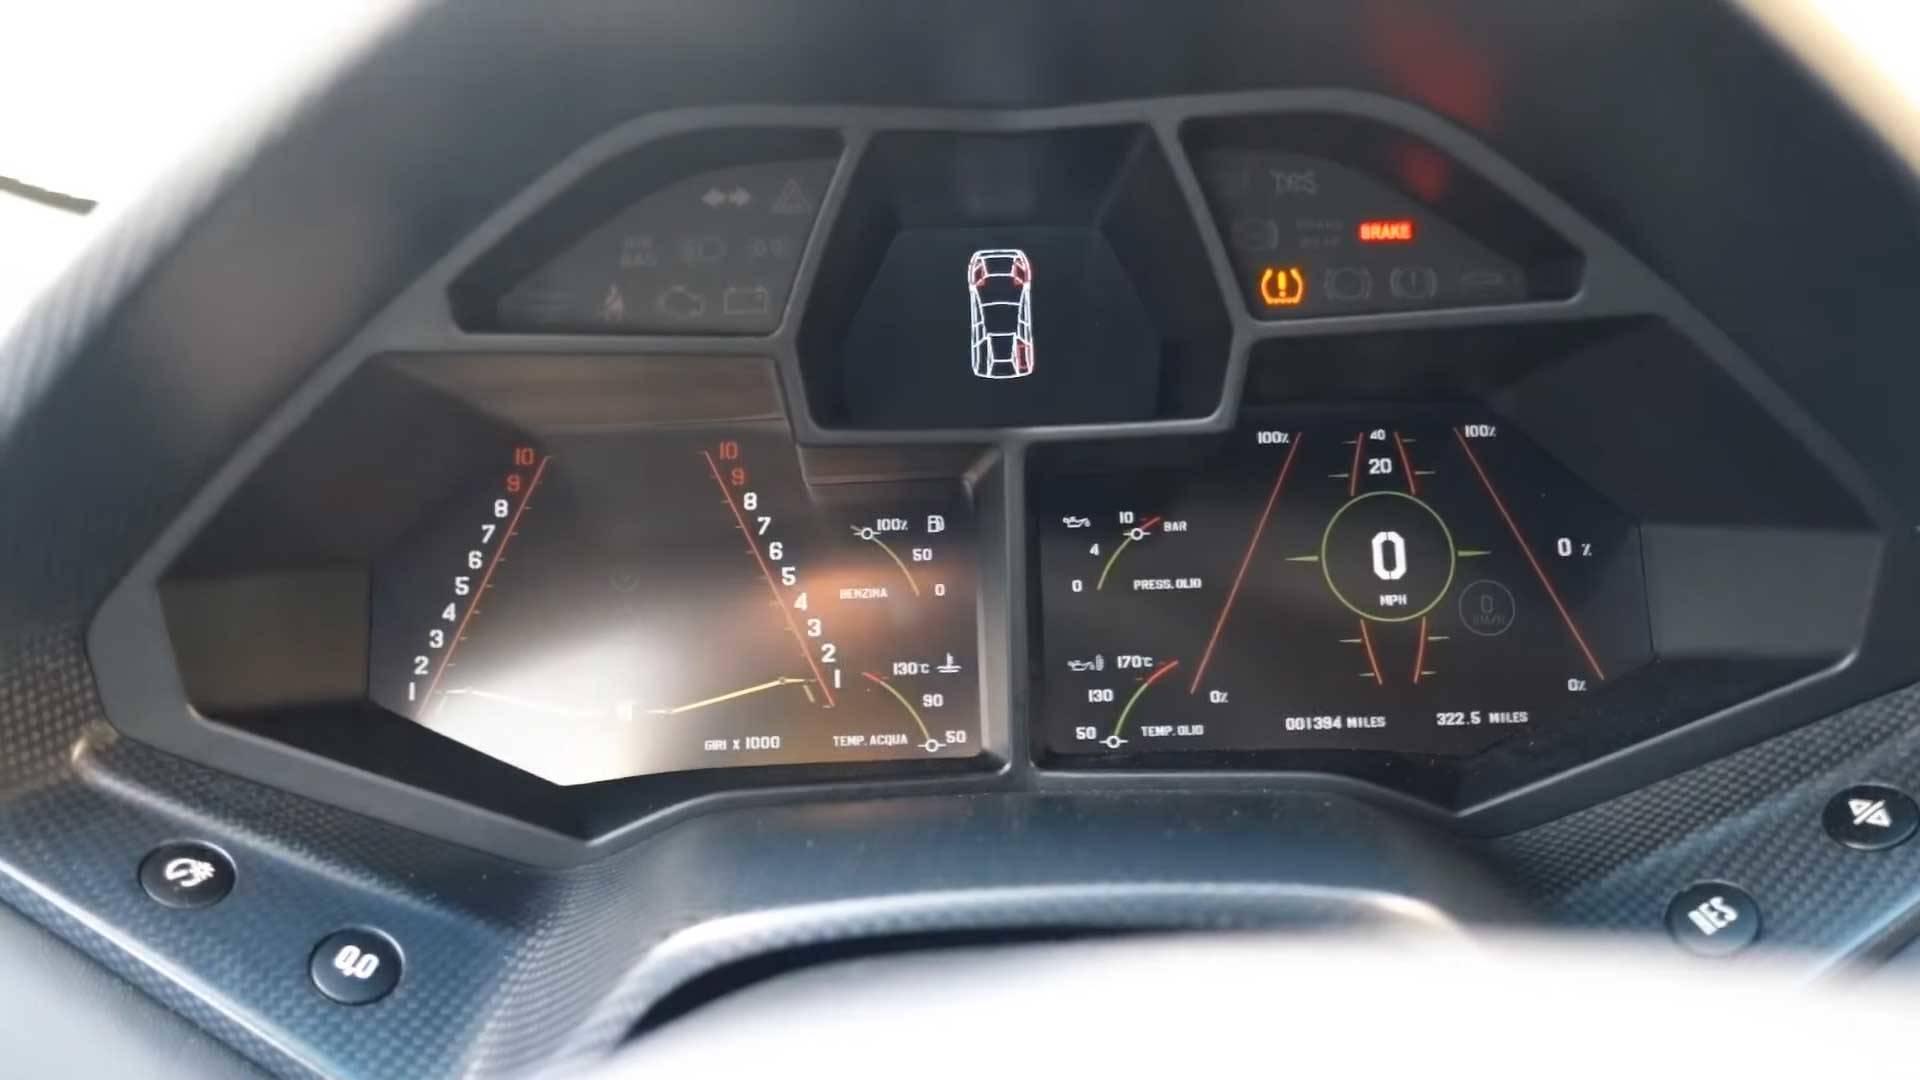 See The Lamborghini Reventon Up Close In This Video Tour